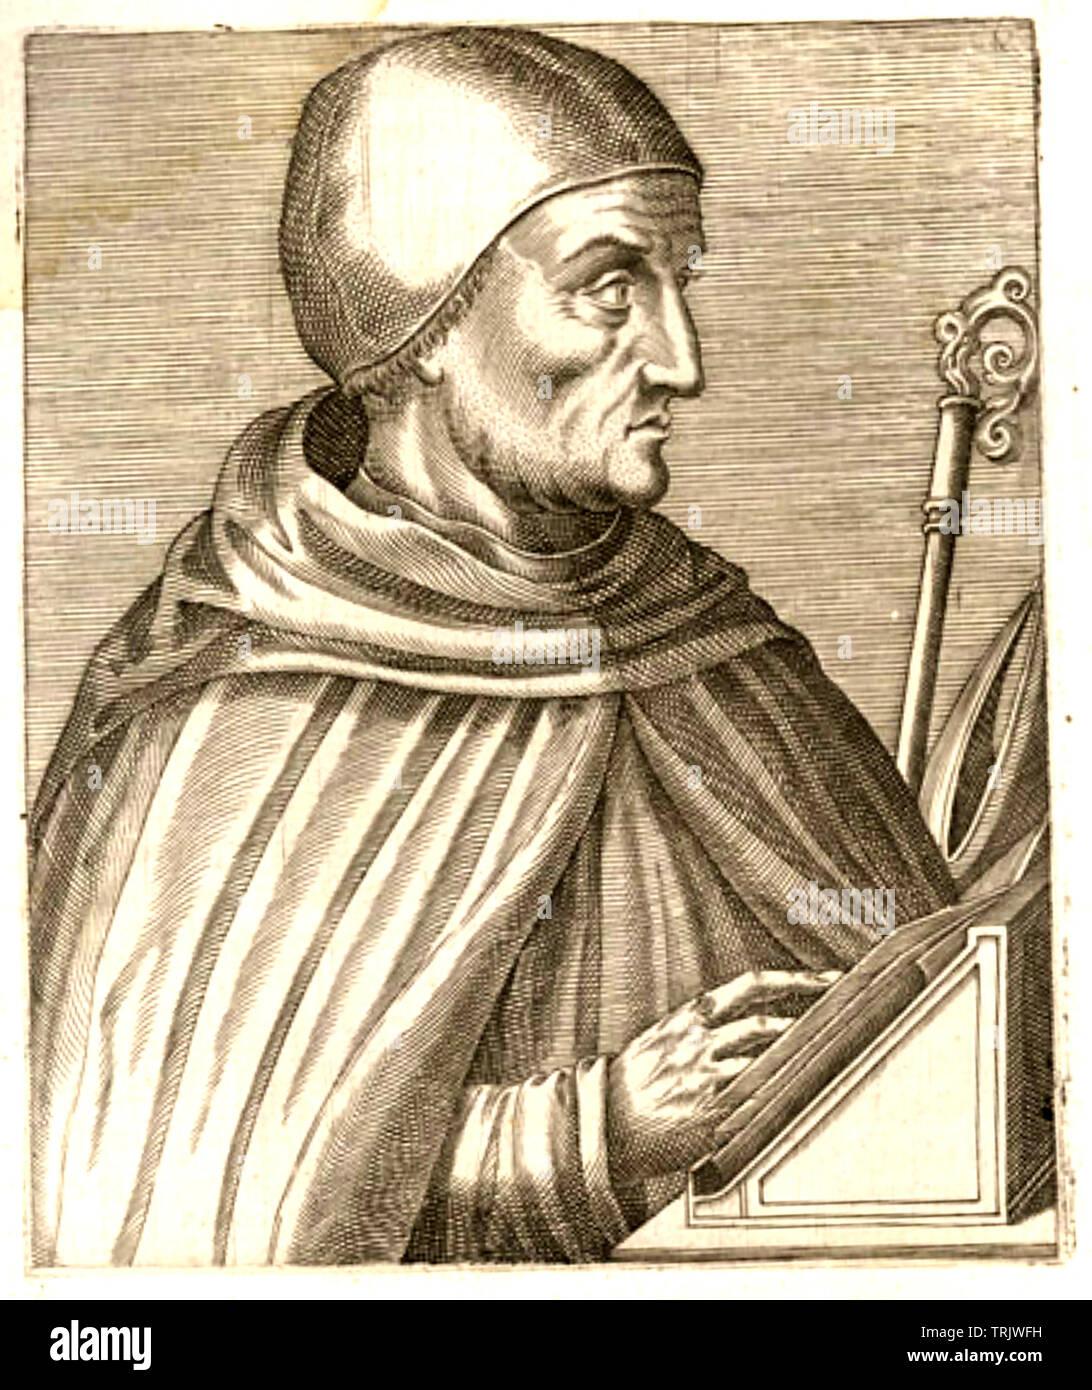 ALBERTUS MAGNUS (c 1193-1280) German Catholic Dominican friar and saint - Stock Image